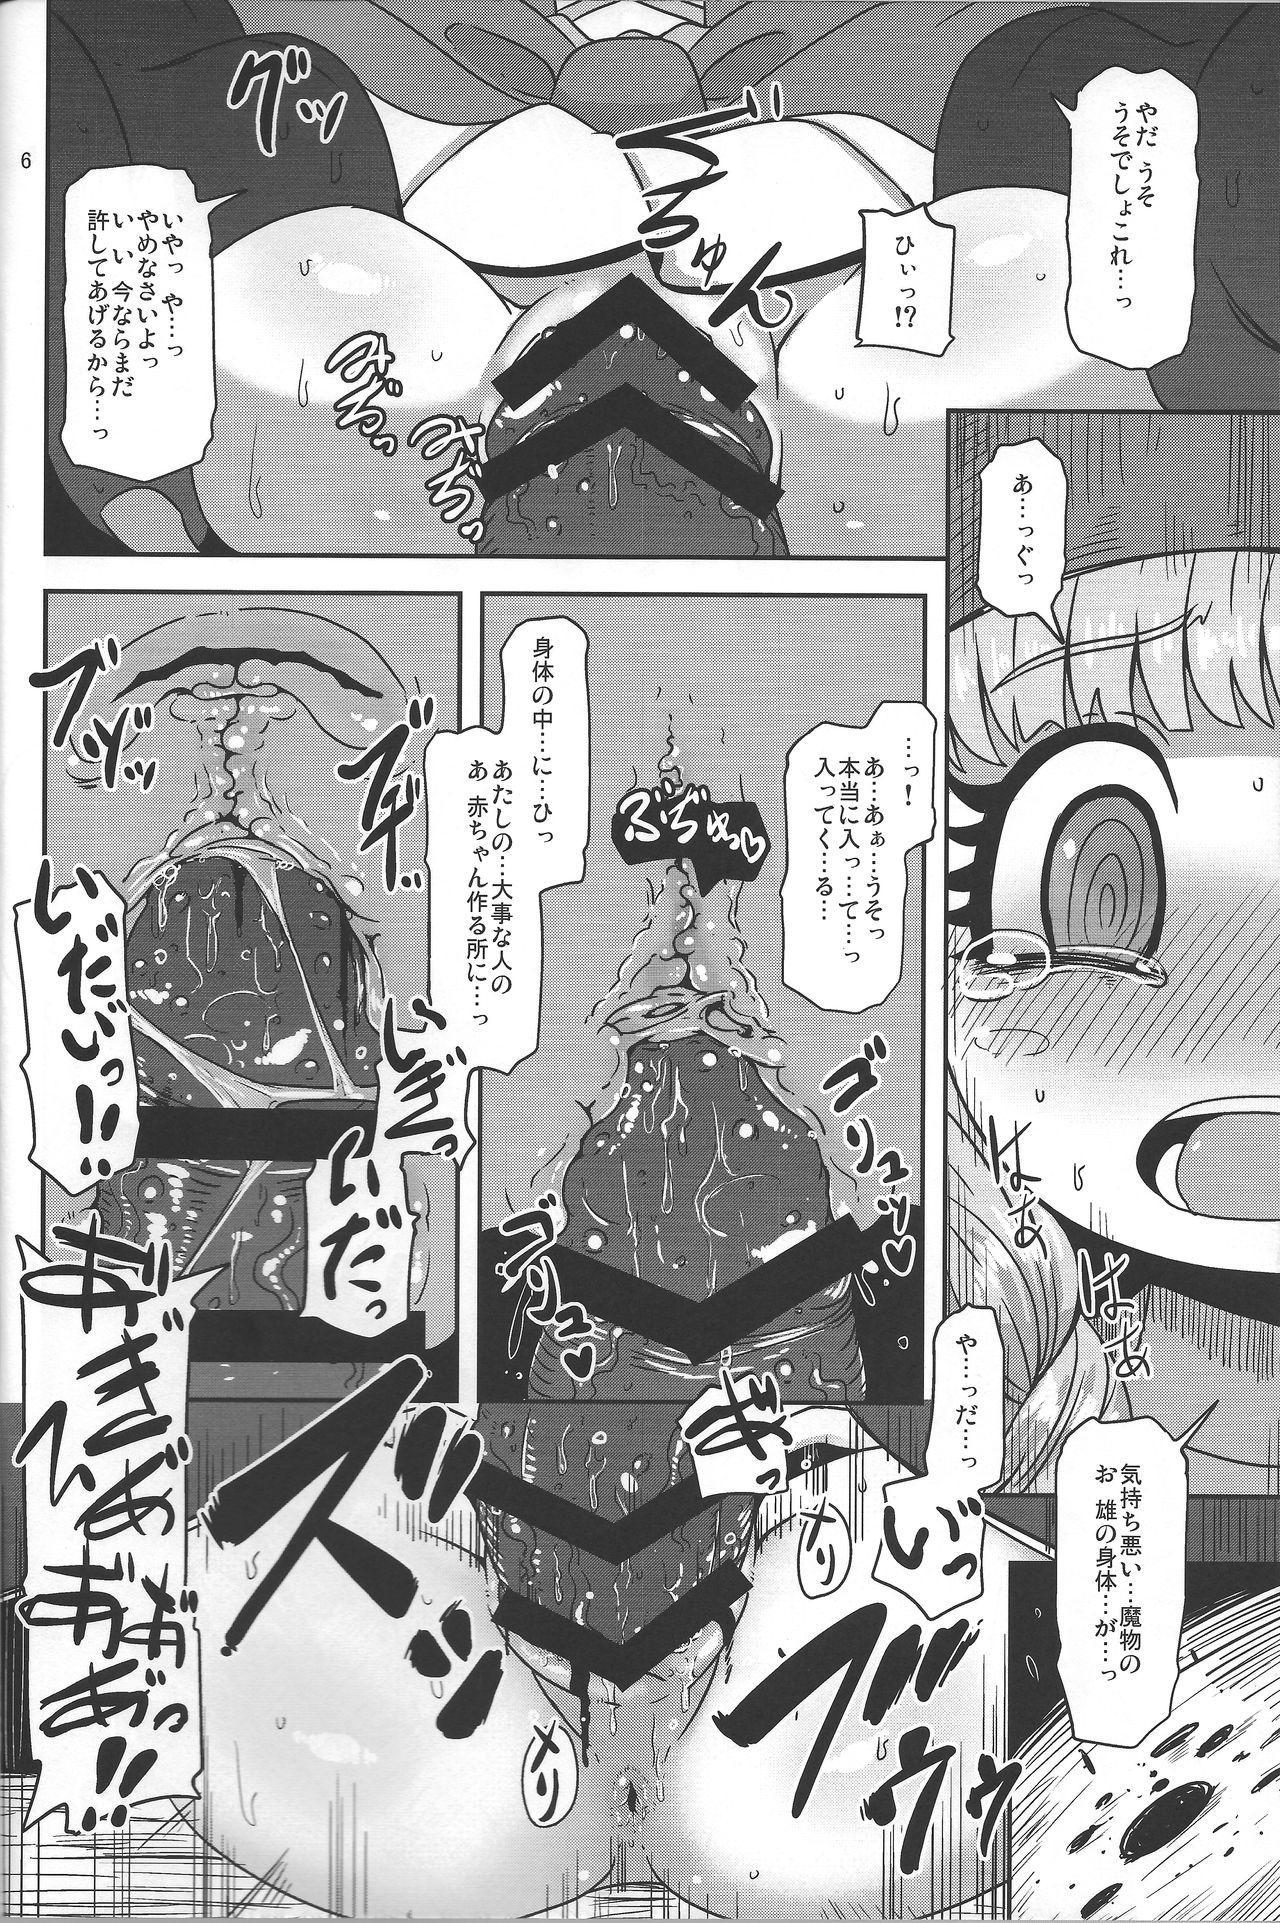 Tensai Mahoutsukai no Sei Jijou 4